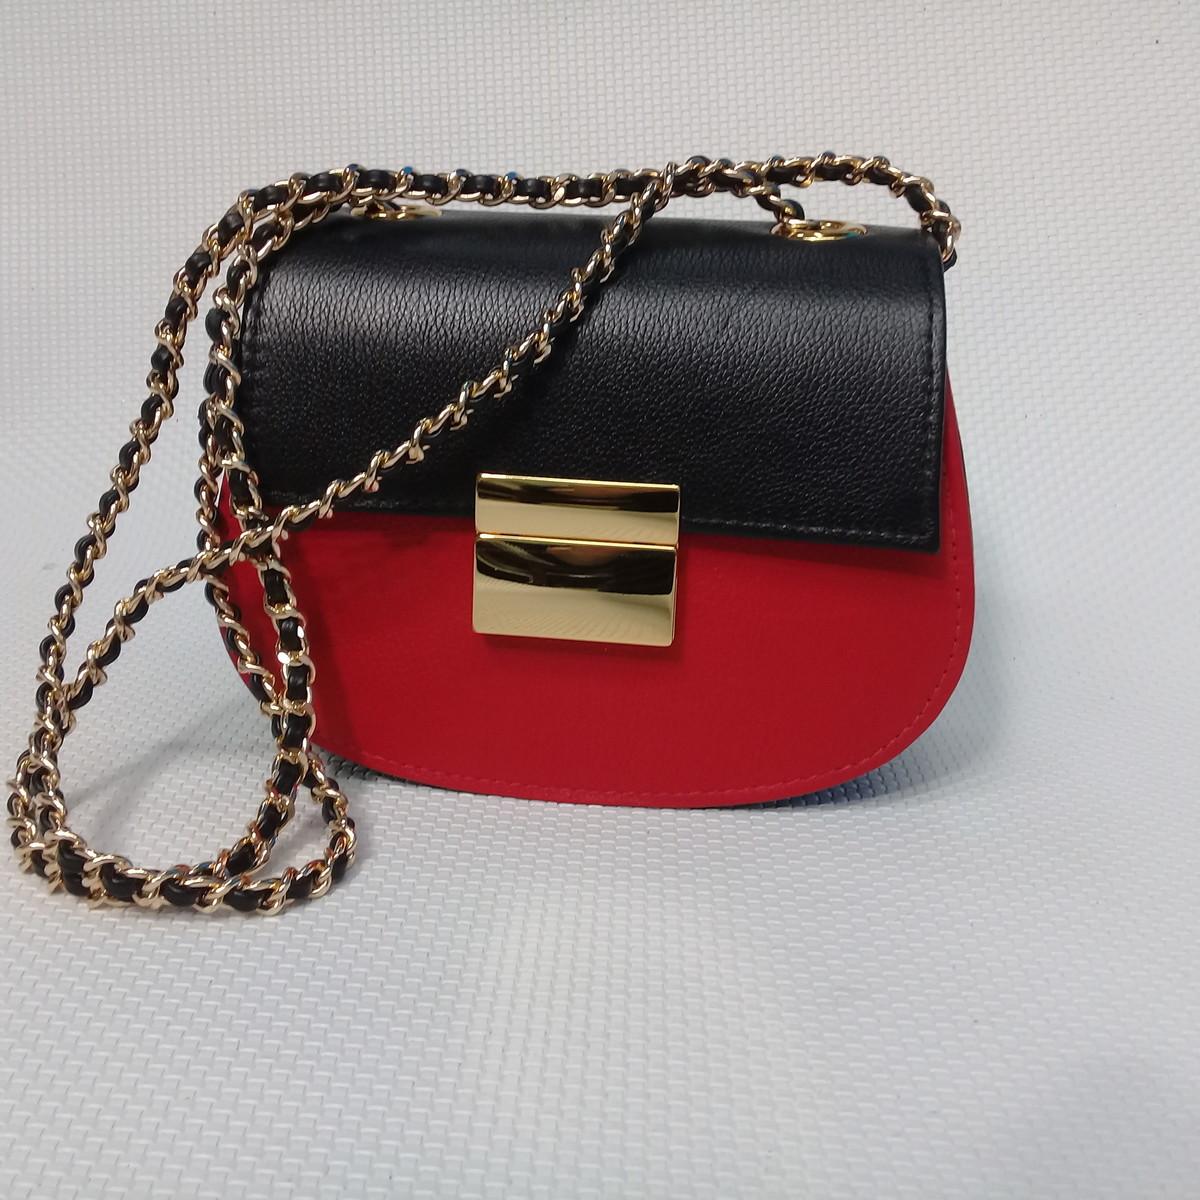 3546e3ffb Bolsa em couro preta/vermelha Juliet no Elo7 | BOLSAS VIVIAN LAGO ...